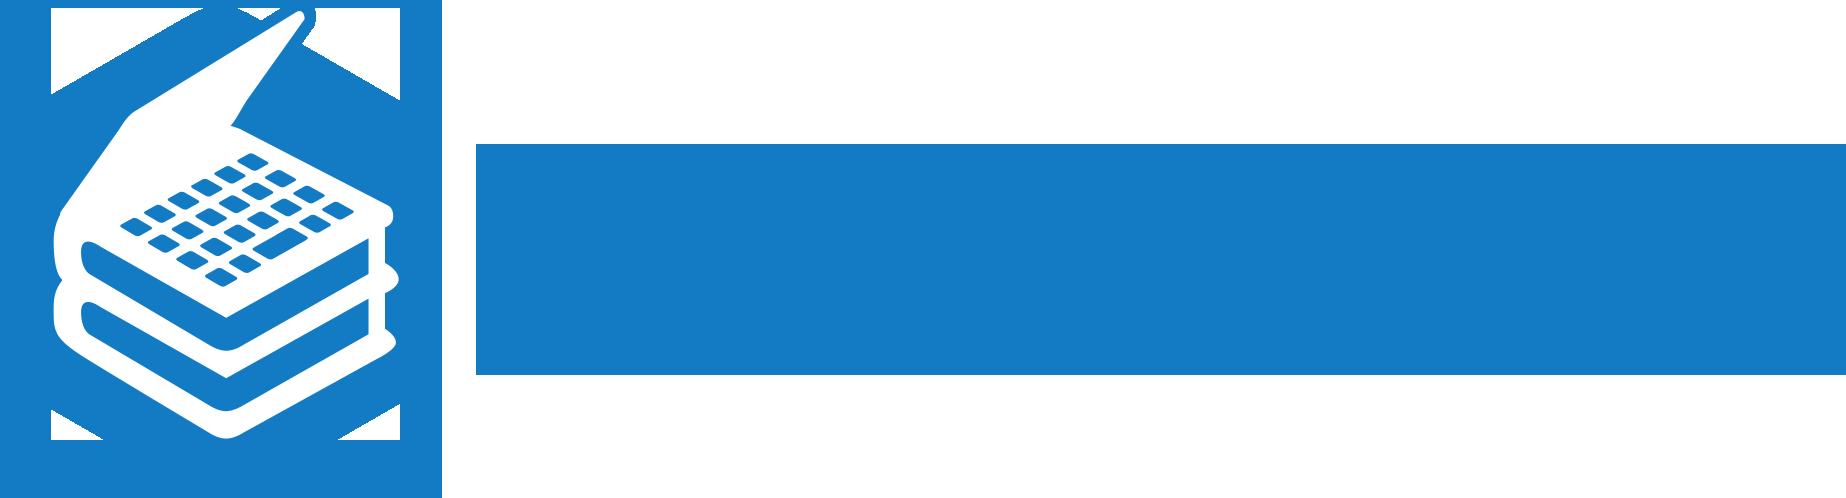 LibreText Logo